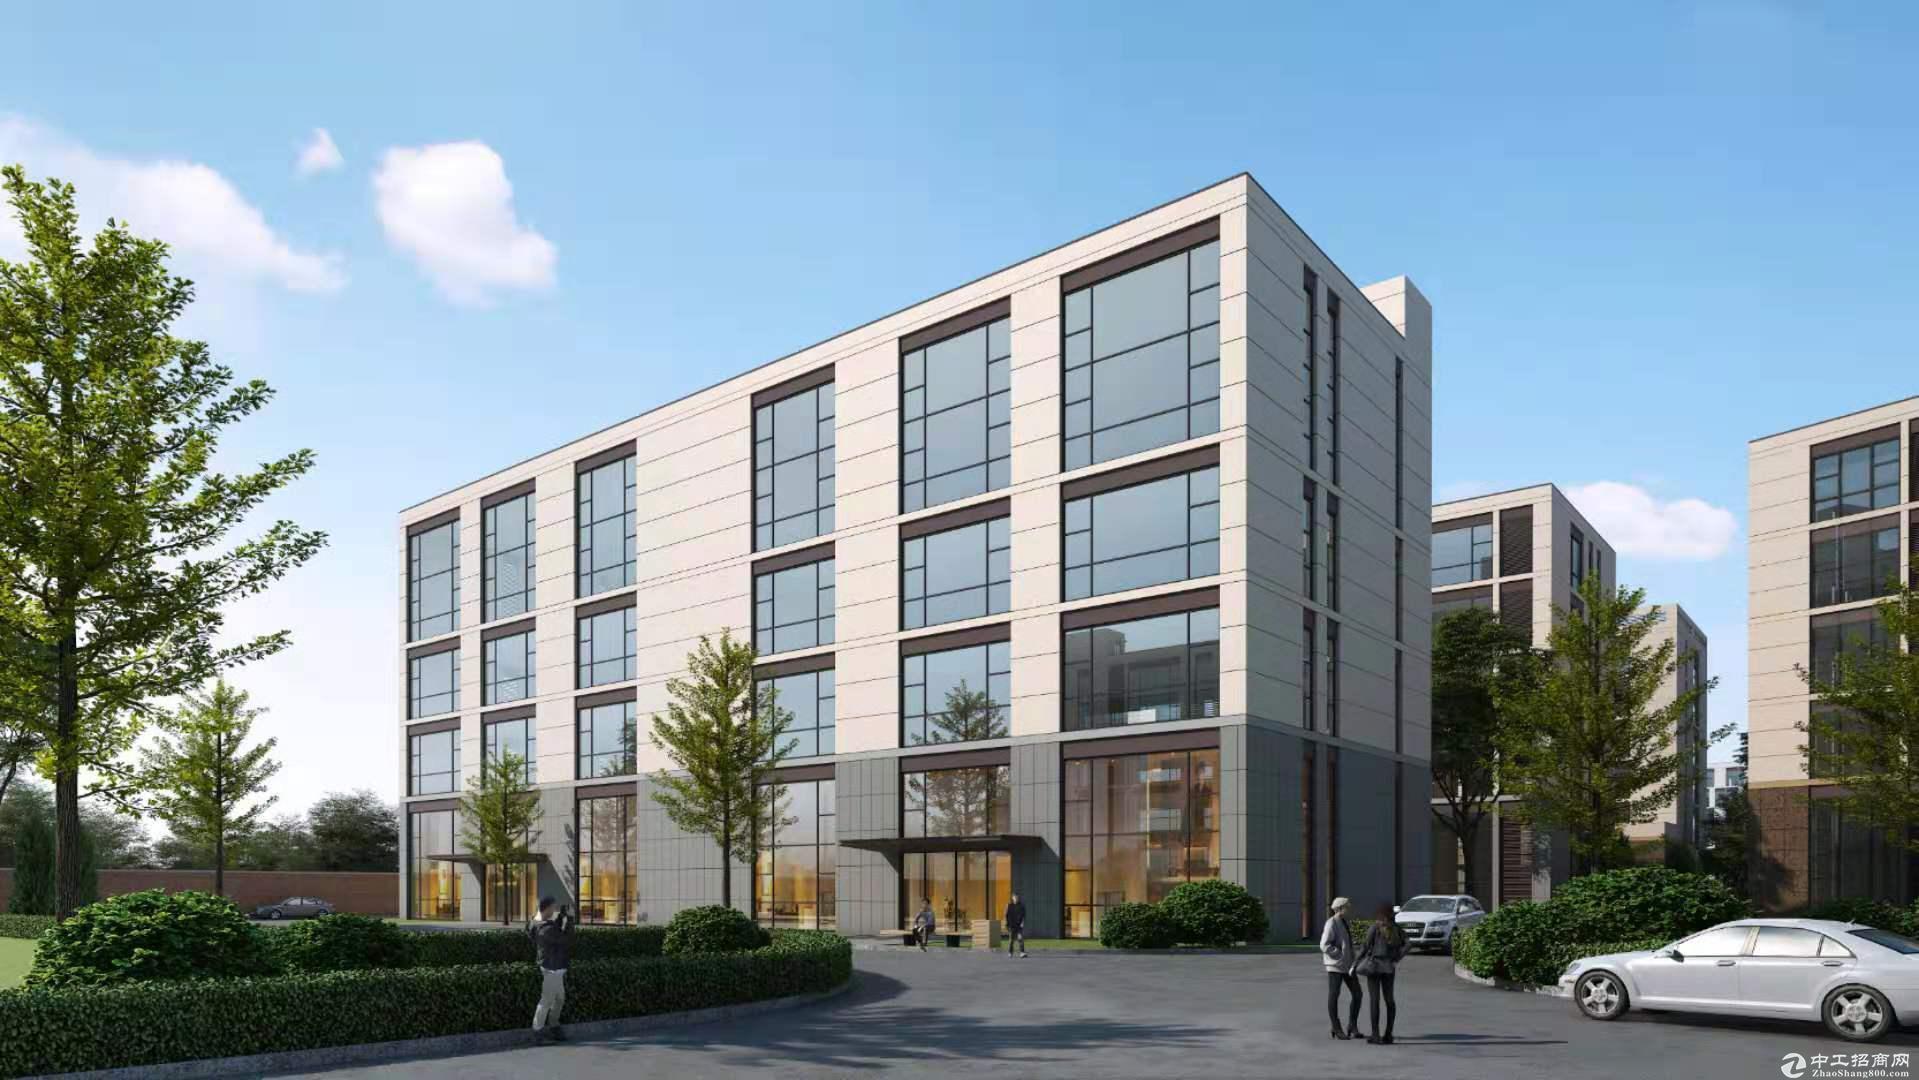 出售燕郊正规厂房独栋,联排,300平米起售-图3